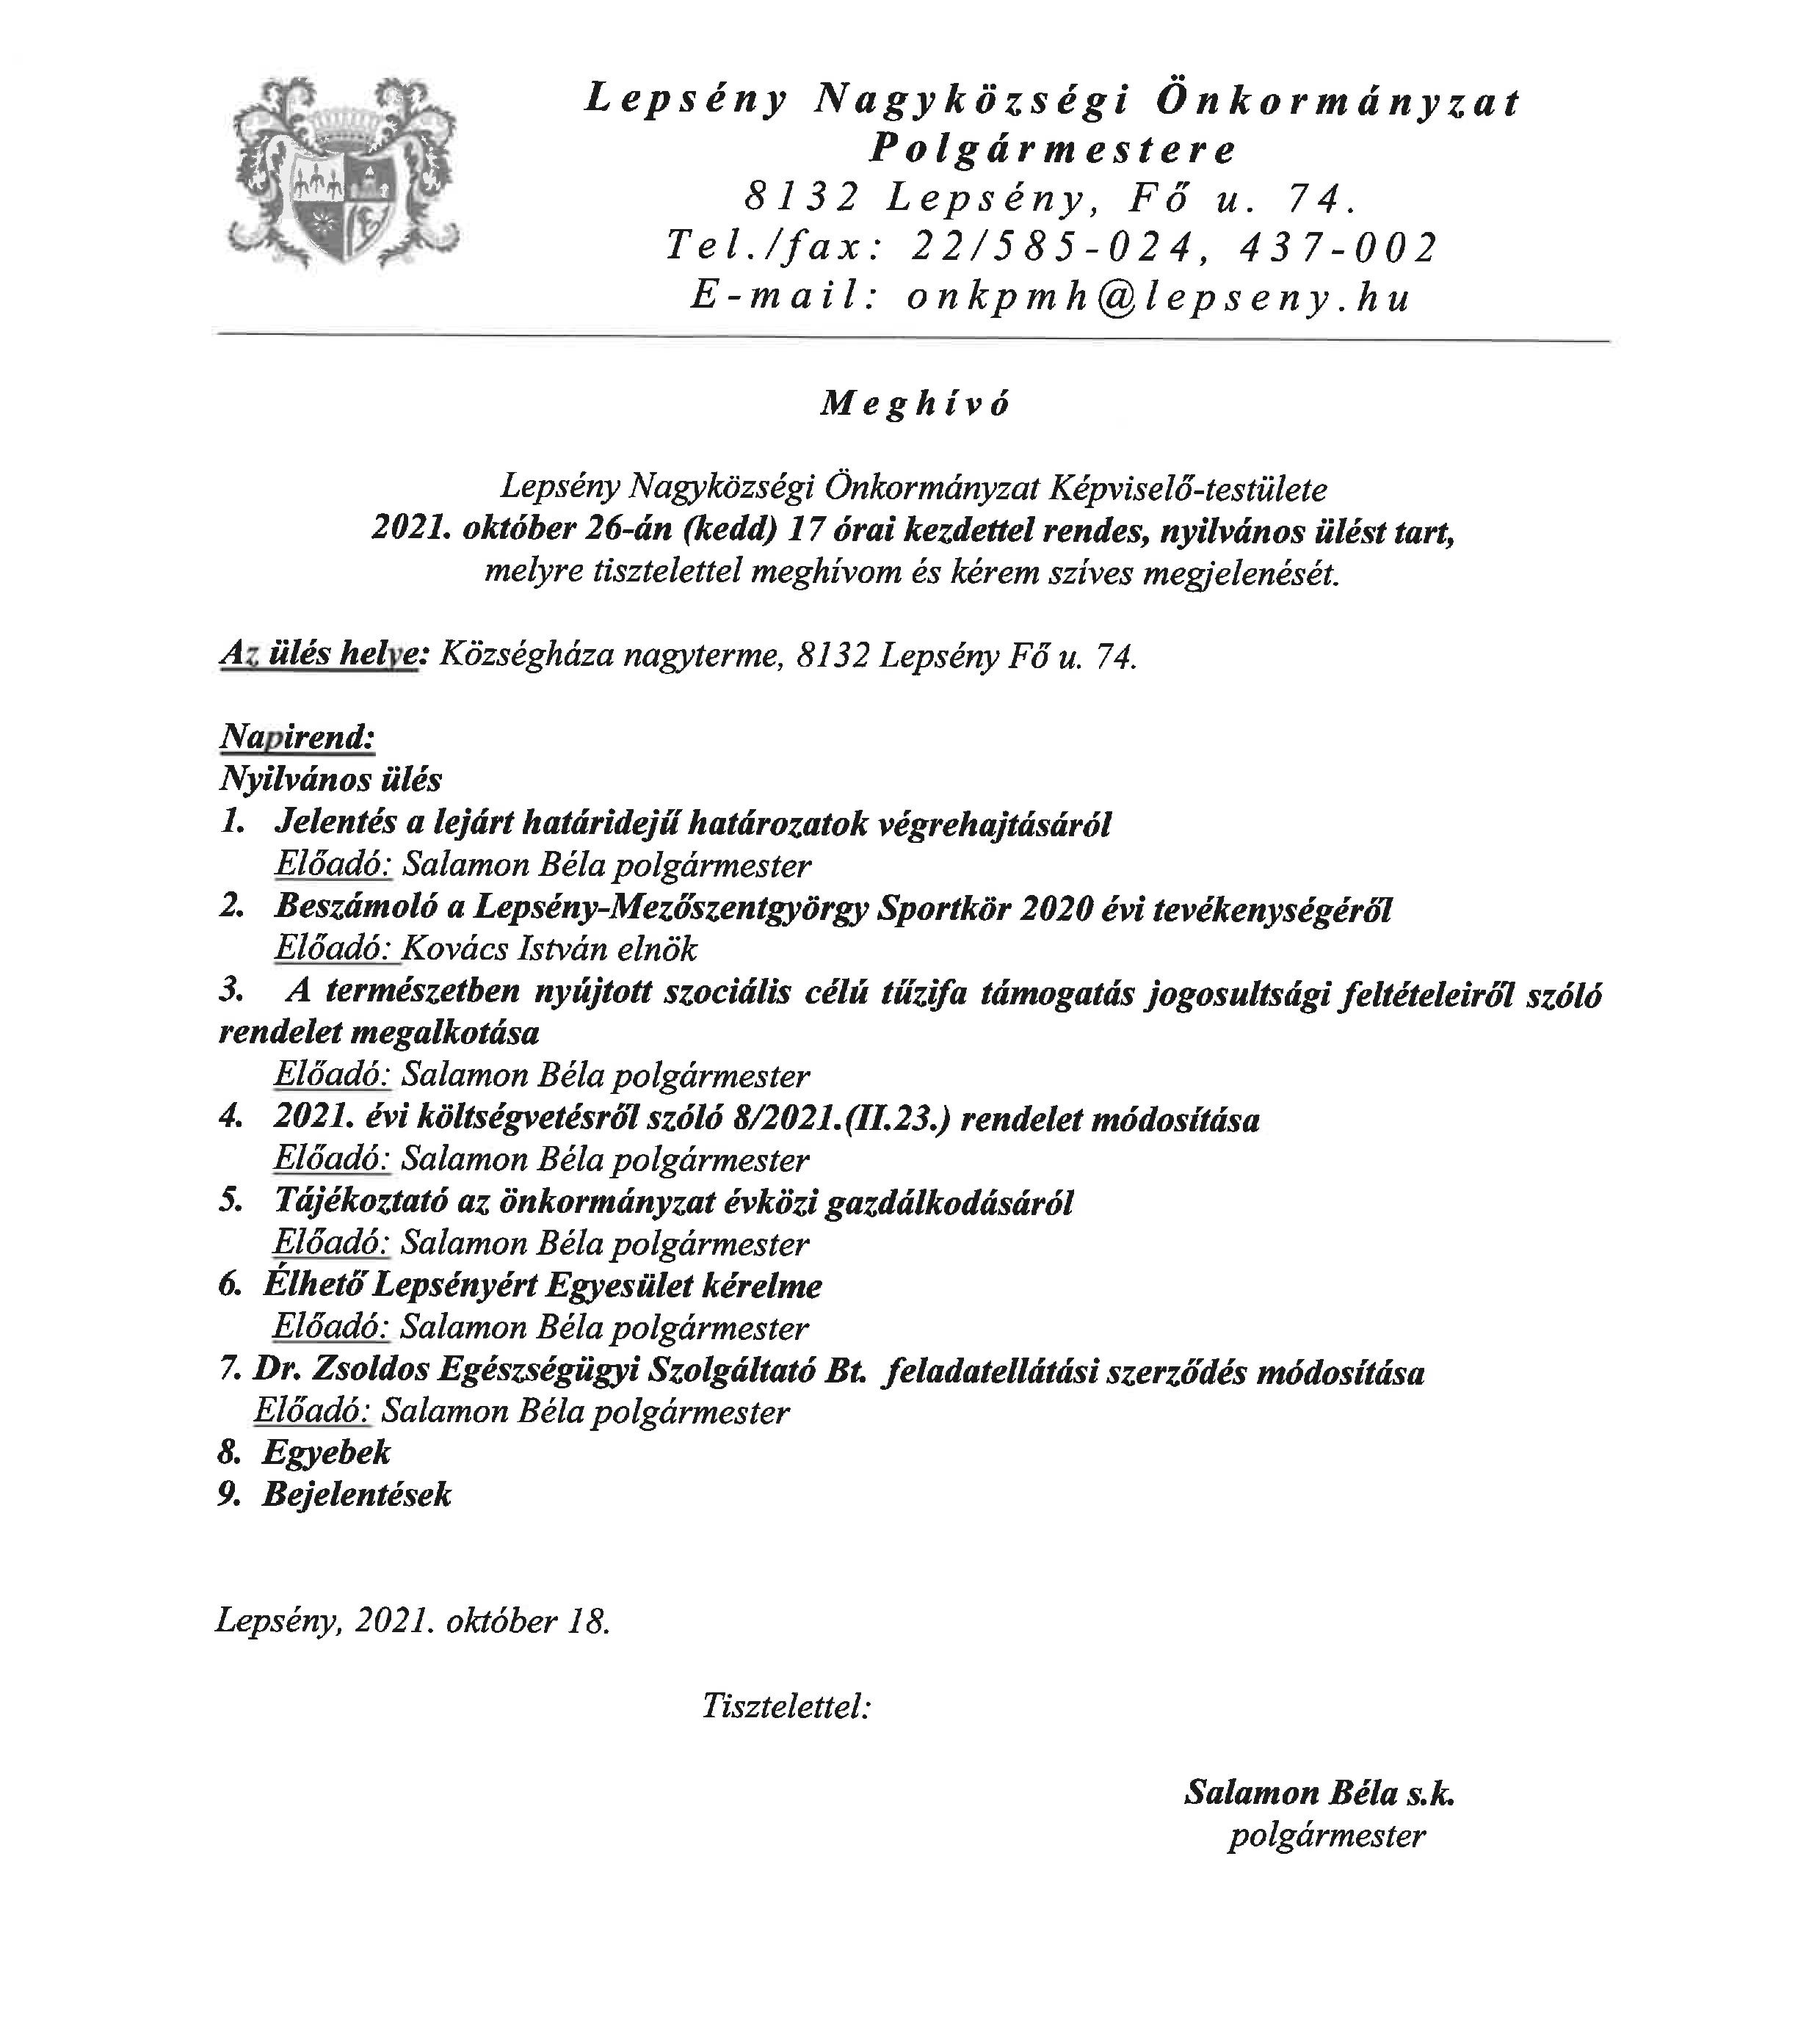 Meghívó 2021. október 26-án kedden 17 órai kezdettel a lepsényi képviselőtestület nyilvános ülésére. Helye a községháza nagyterme.